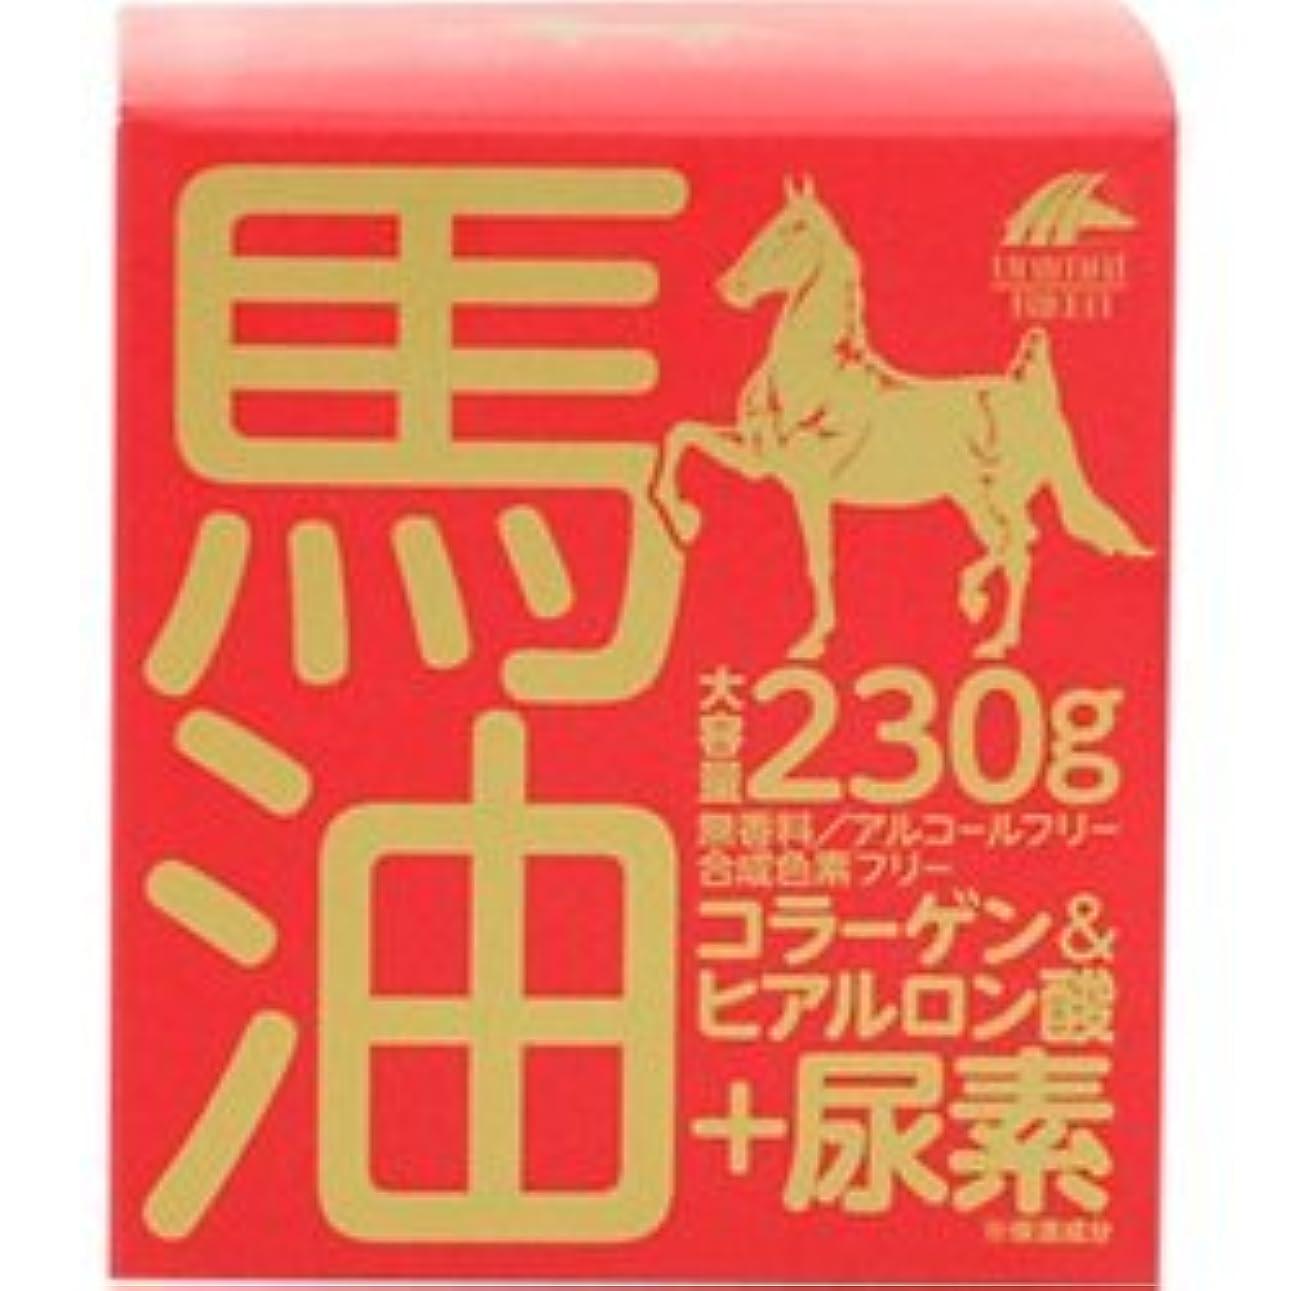 神話することになっている従順【ユニマットリケン】馬油クリーム+尿素 230g ×10個セット